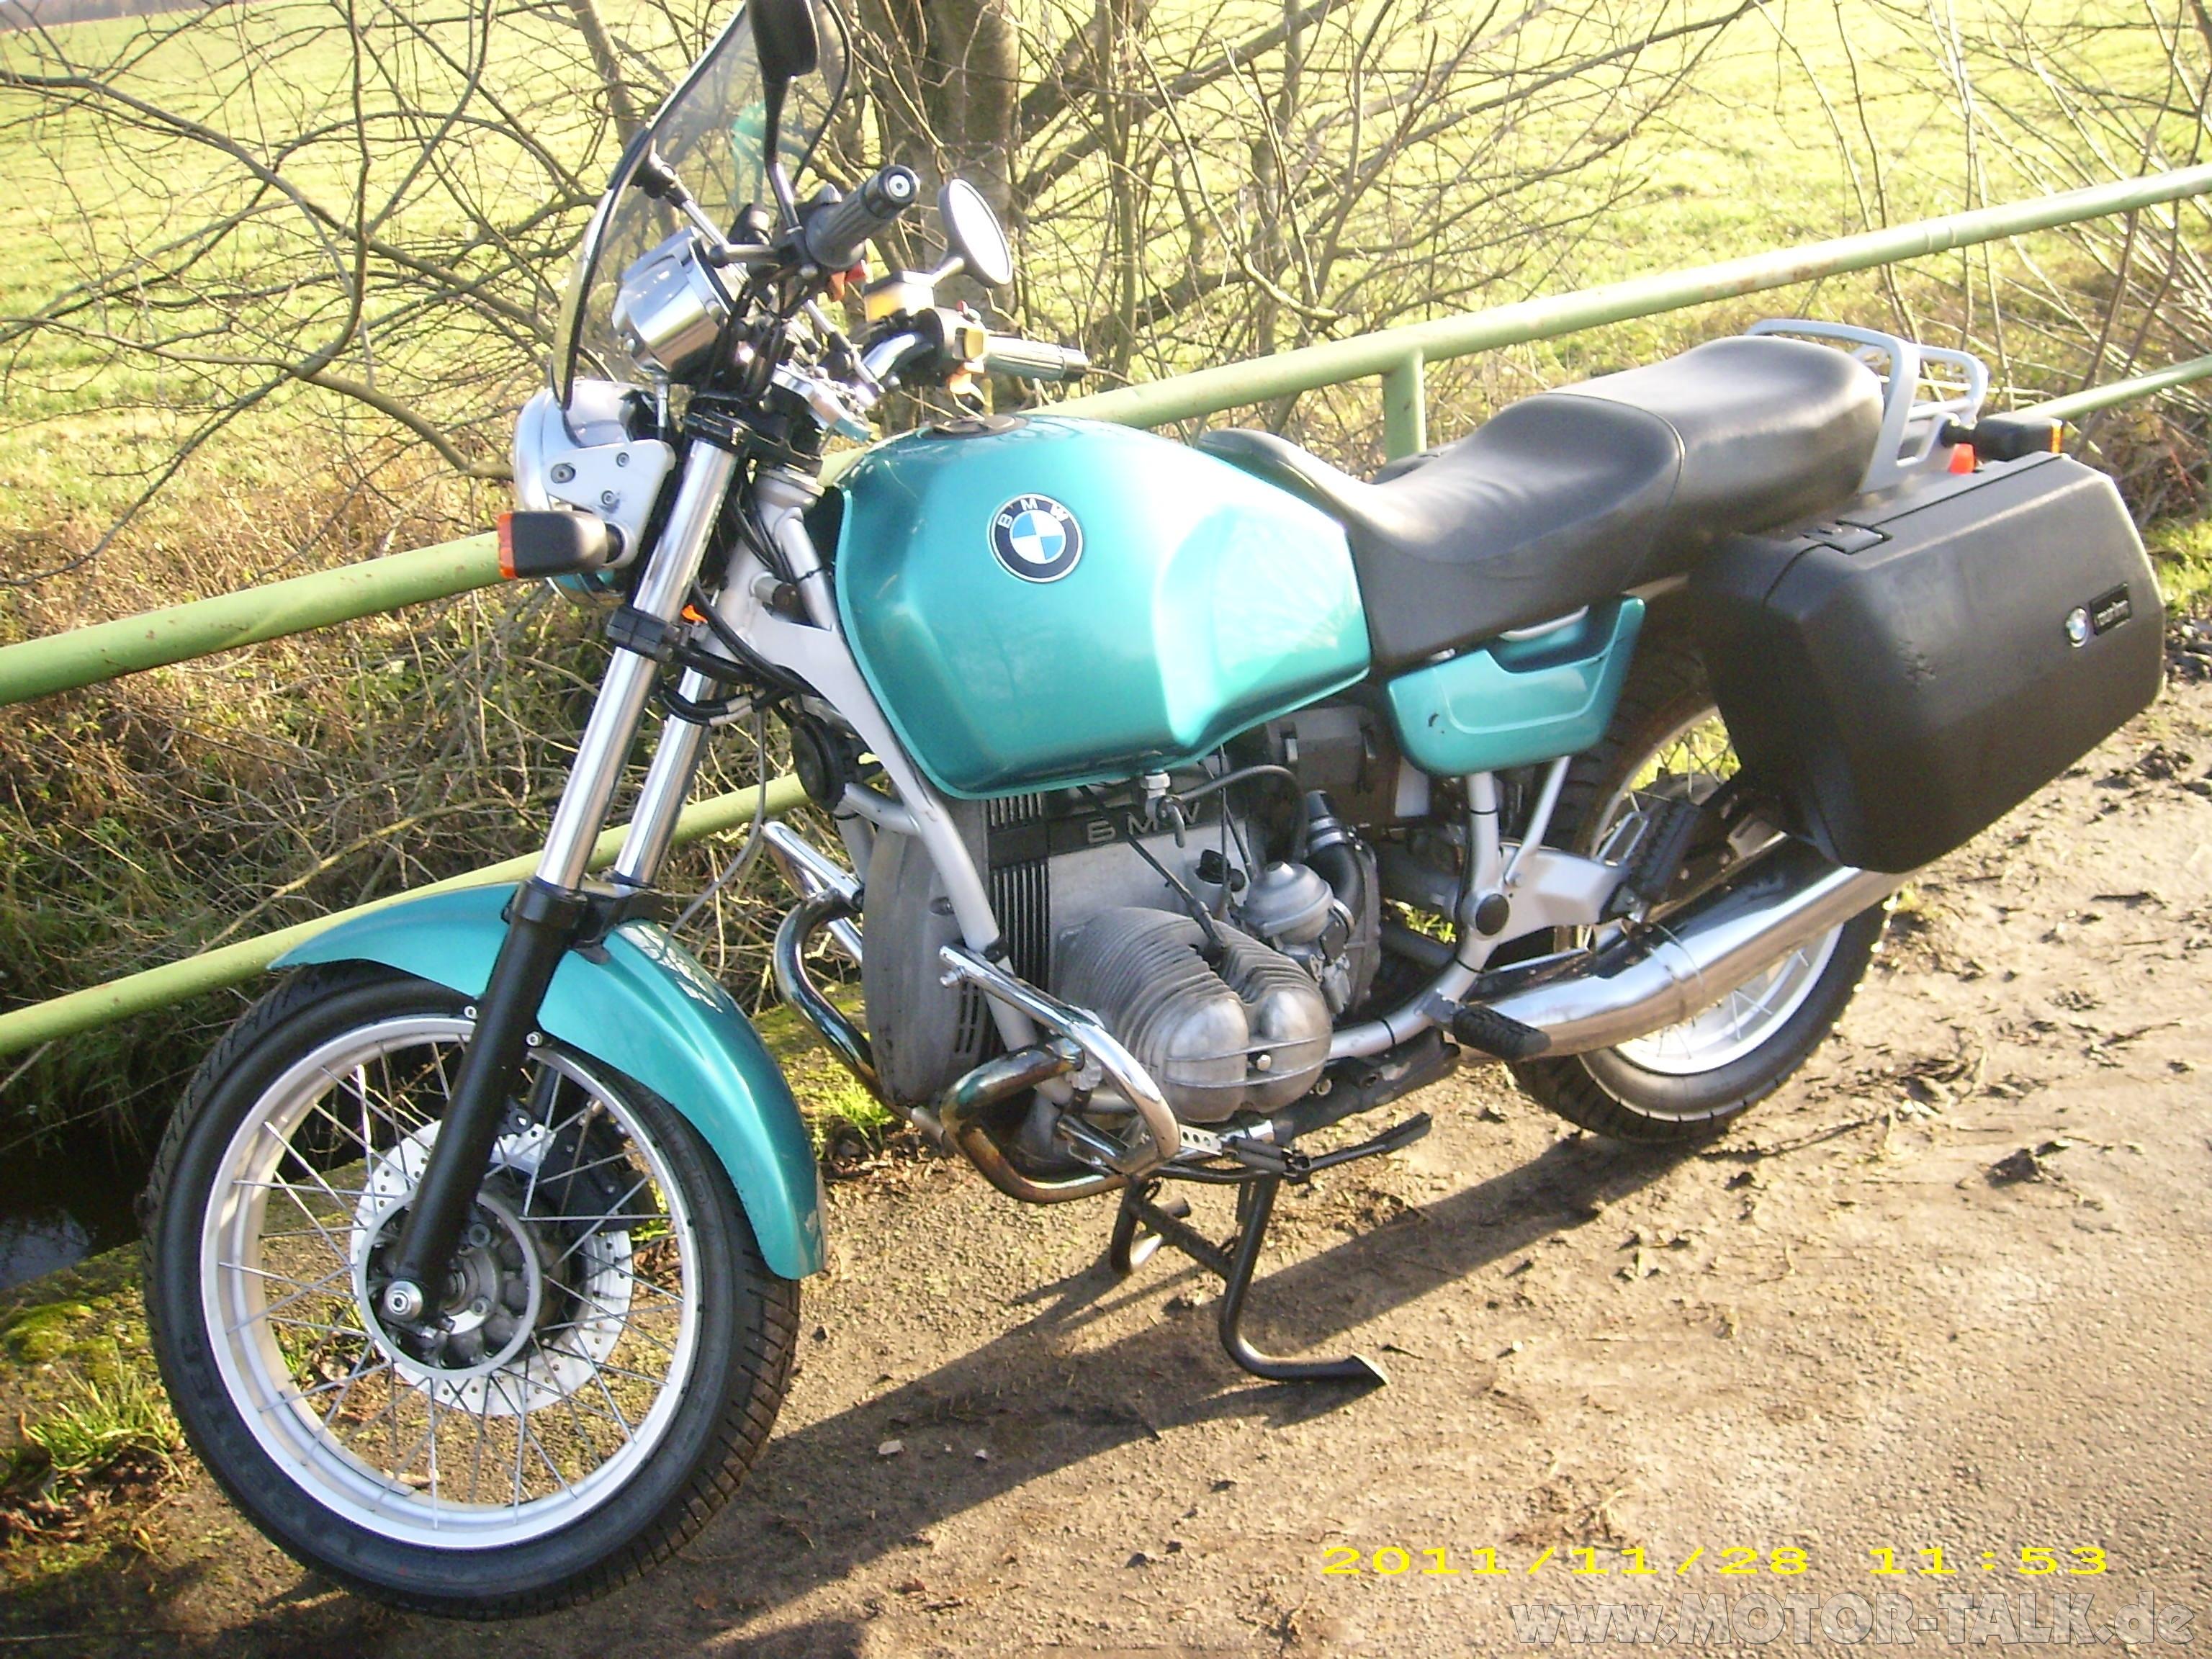 bmw r80 motorrad 25 jahre alte gummikuh kaufen bmw motorrad 205456505. Black Bedroom Furniture Sets. Home Design Ideas